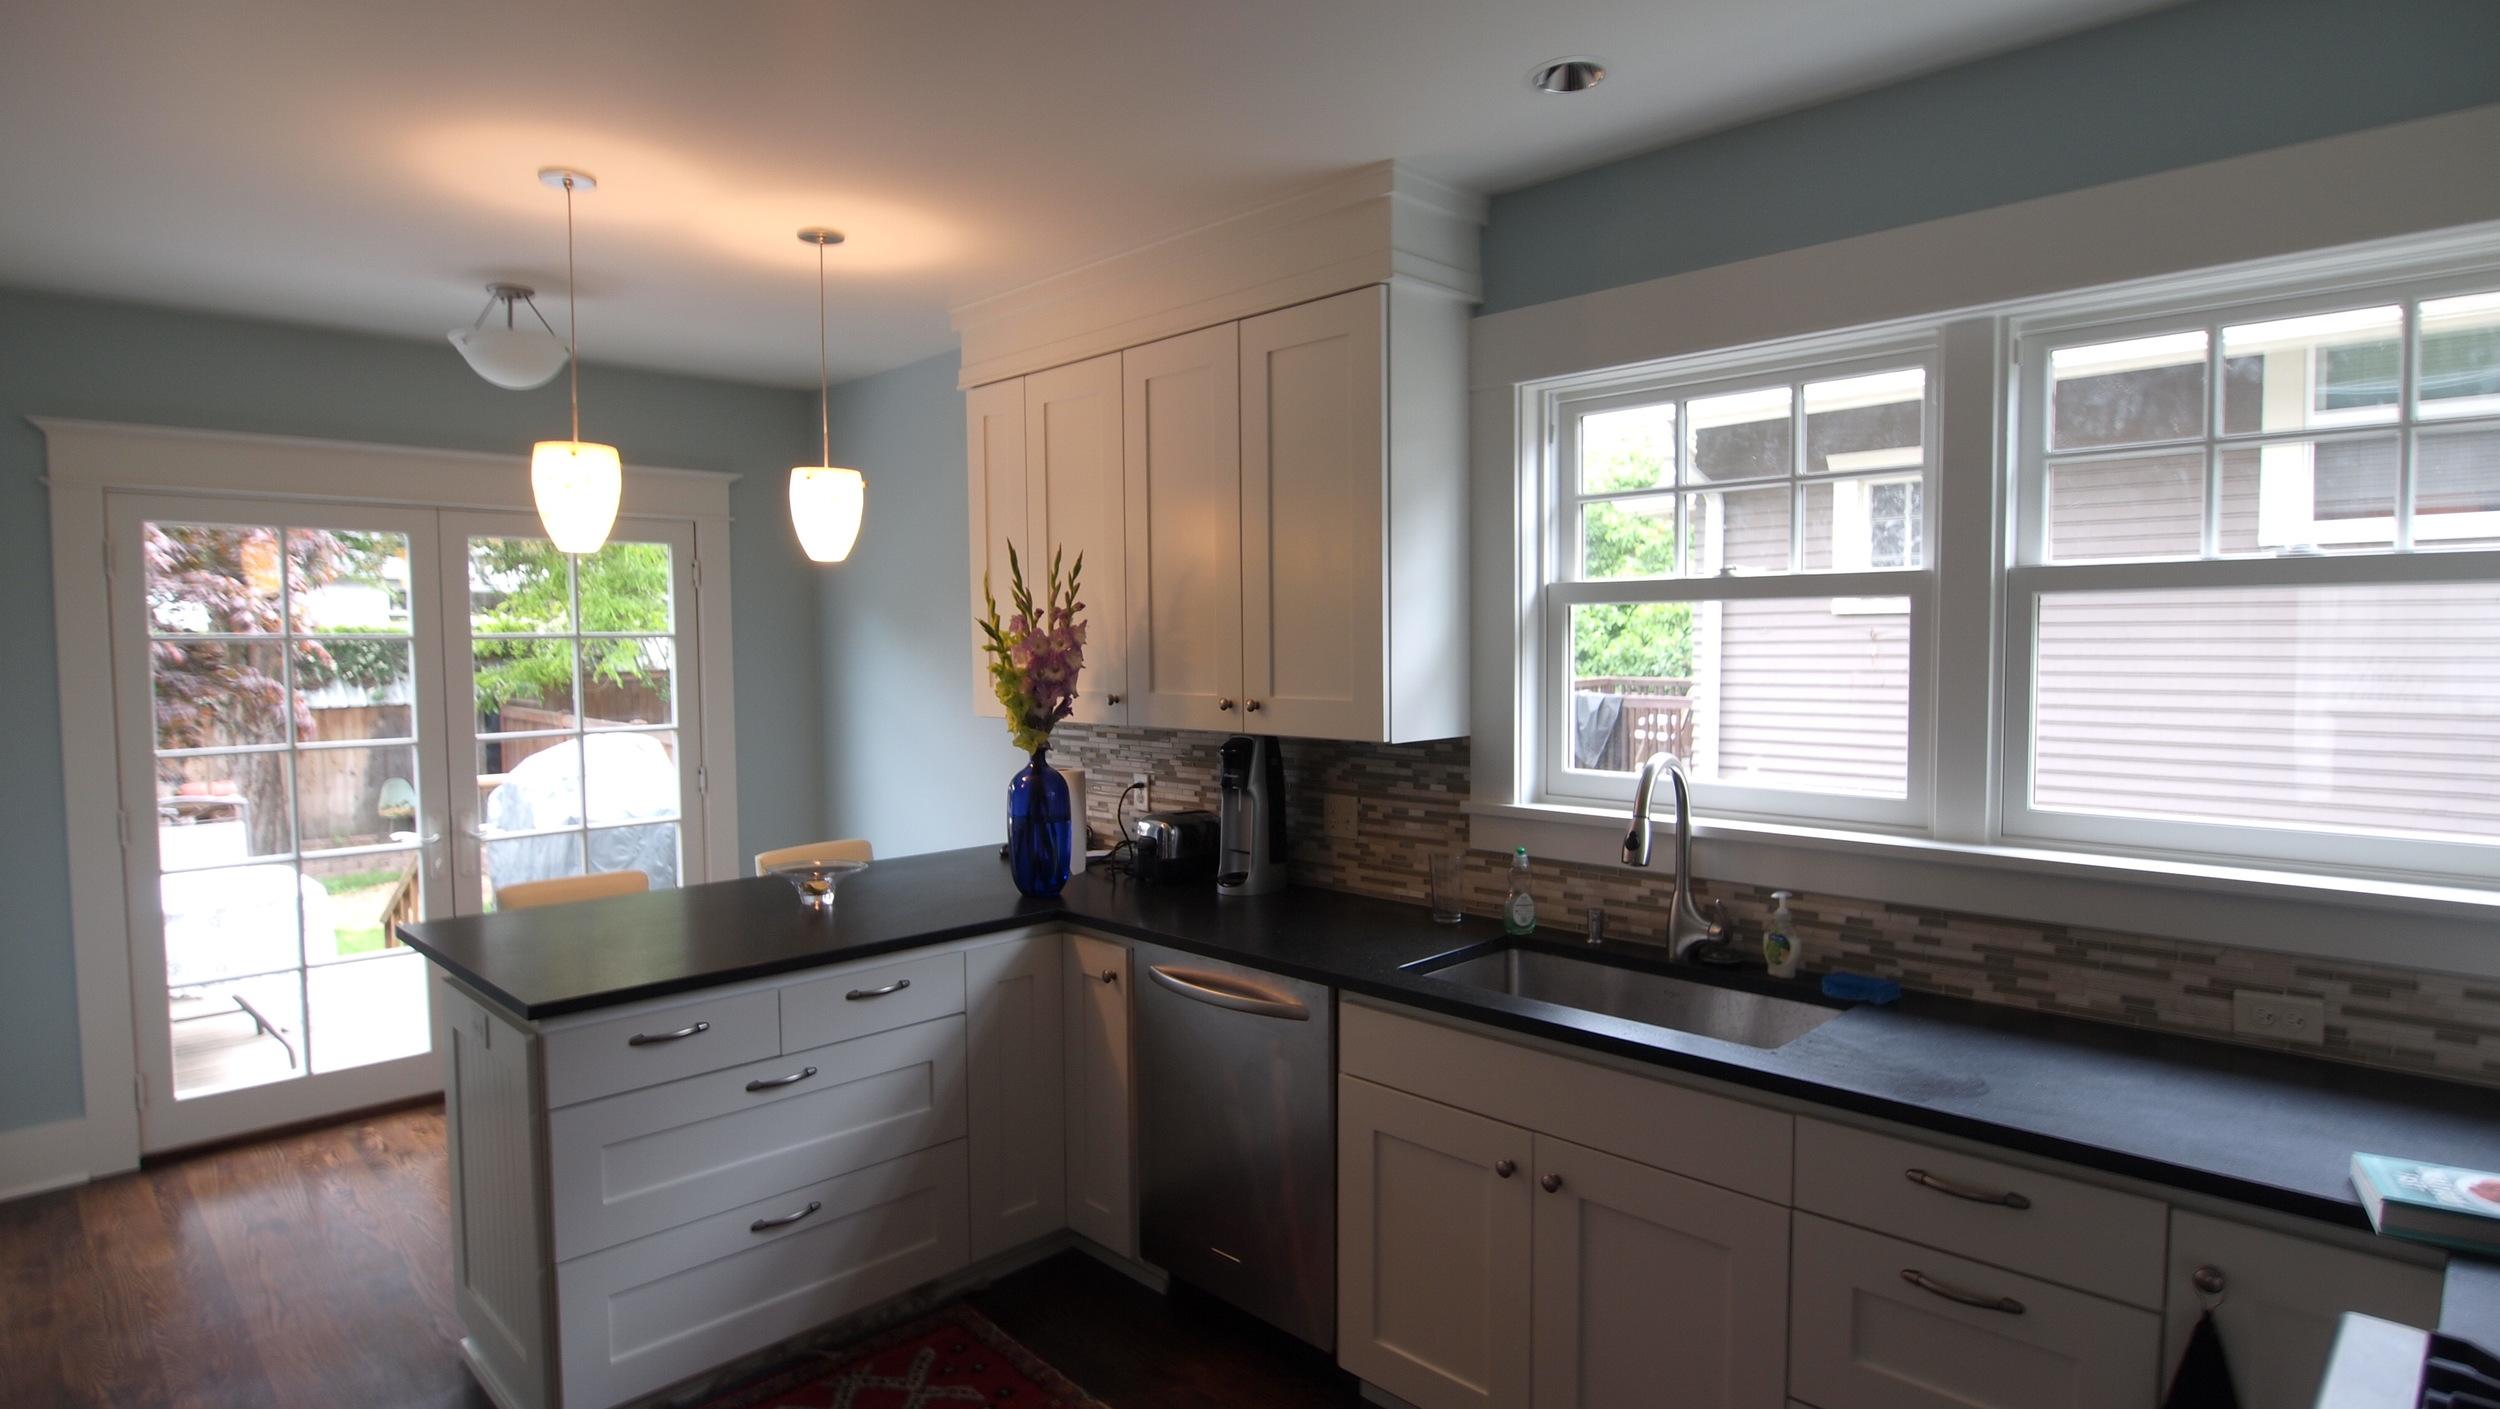 4Ballard kitchen2.jpg